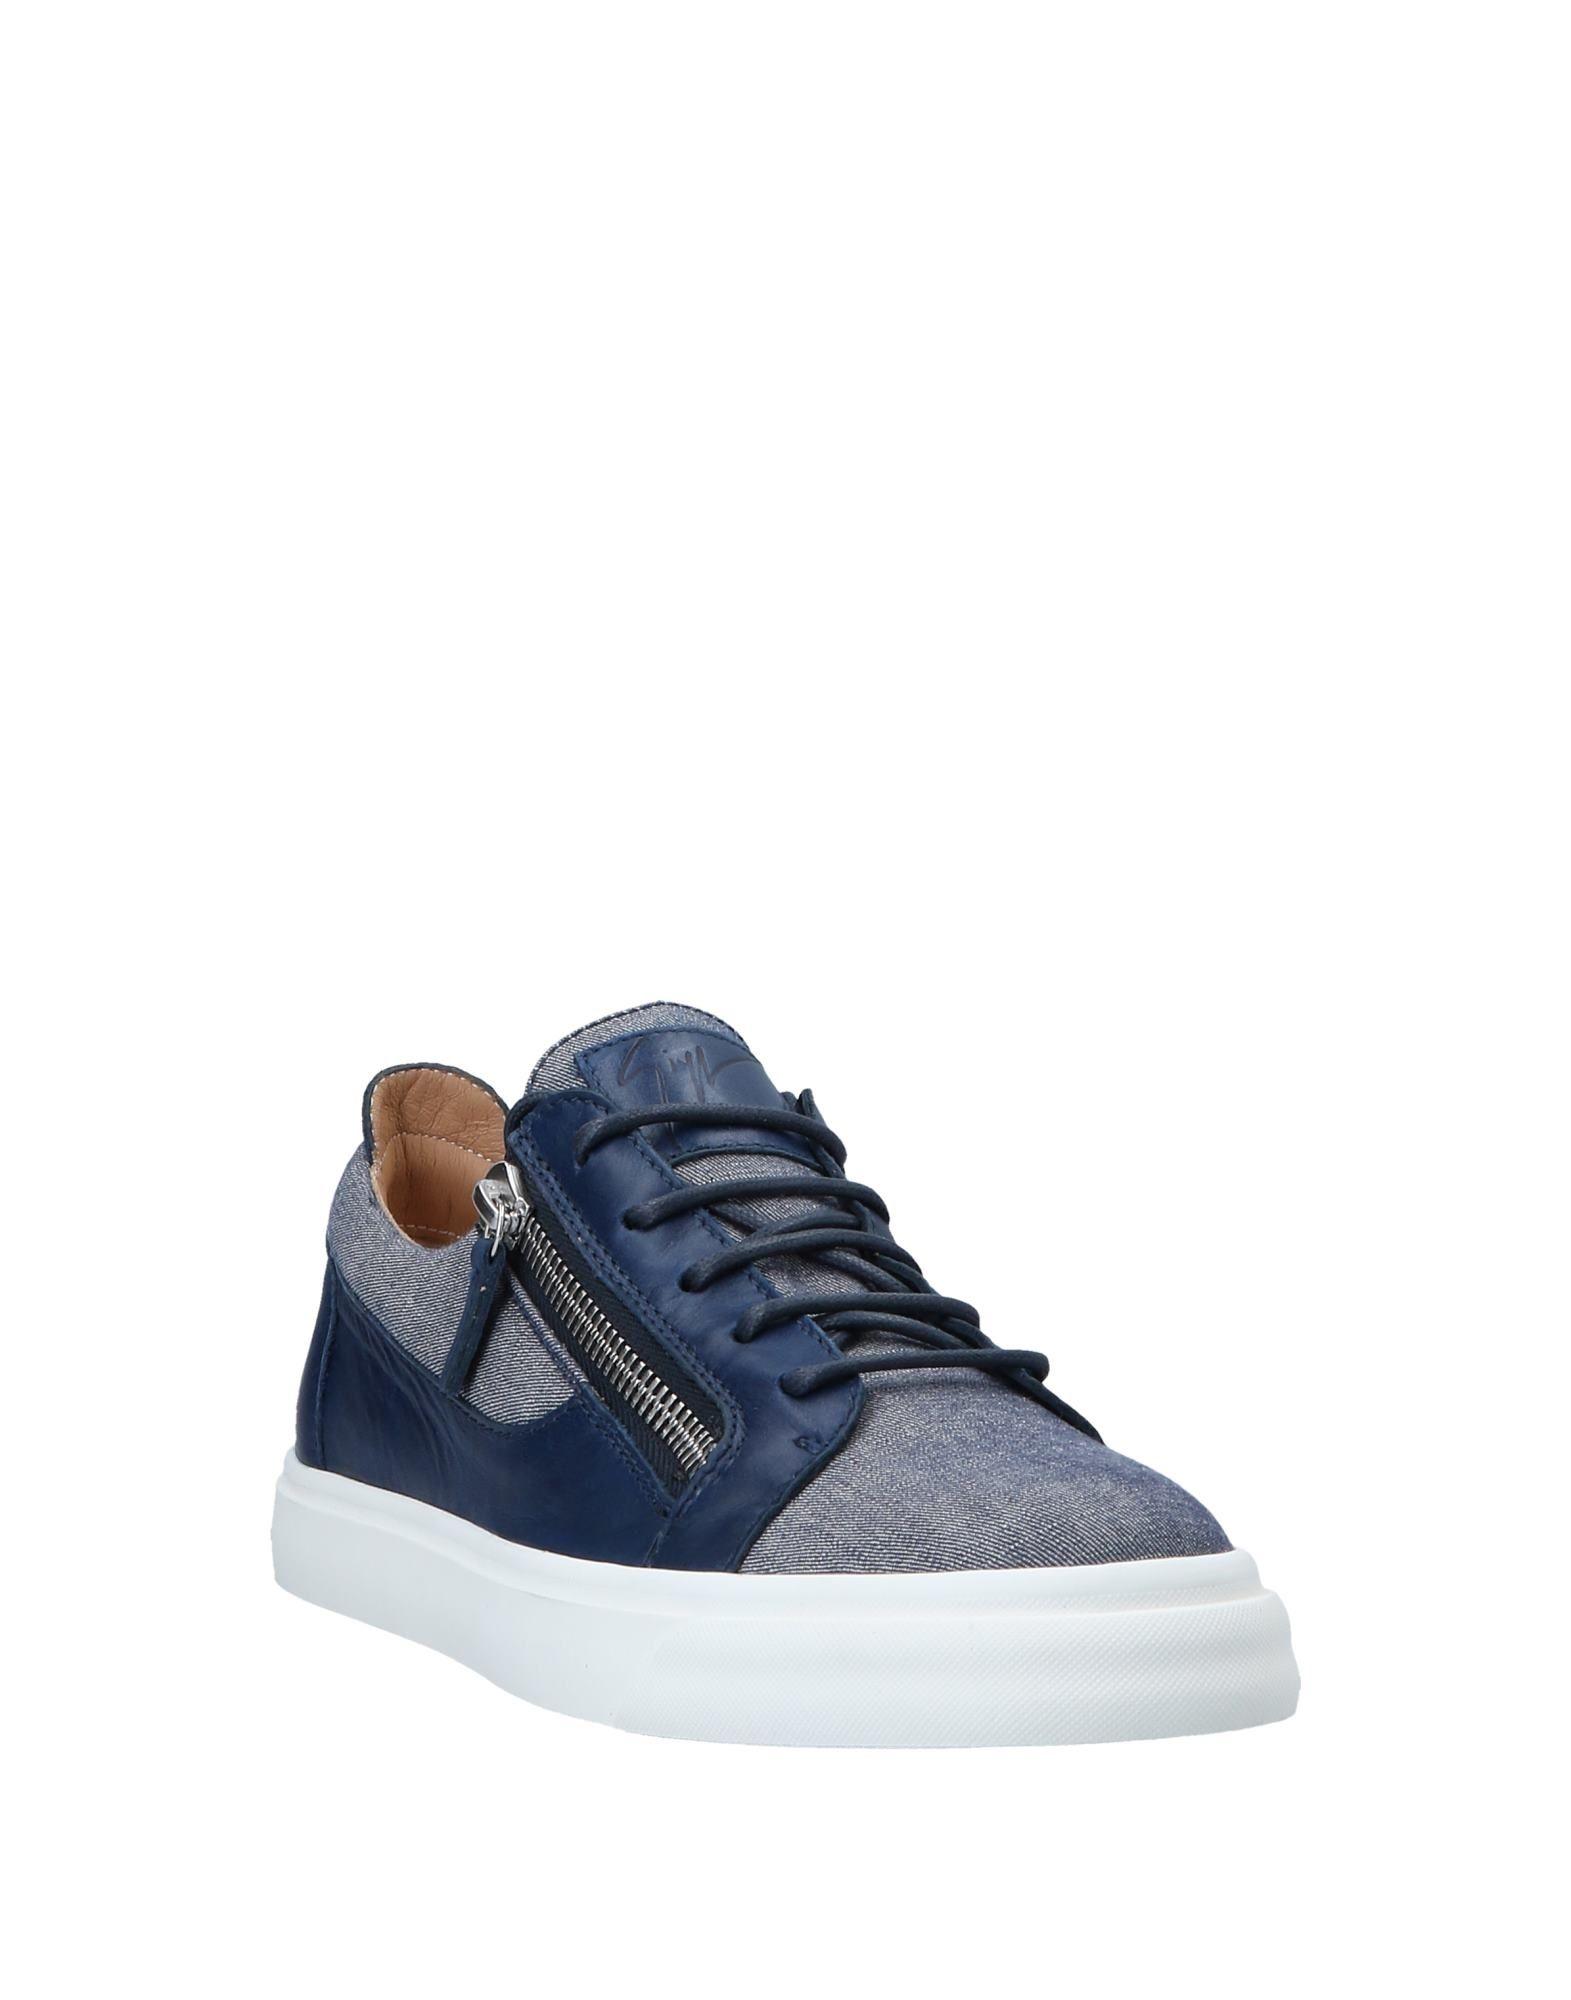 Giuseppe Zanotti Sneakers Herren  Schuhe 11545455VN Gute Qualität beliebte Schuhe  ff2528